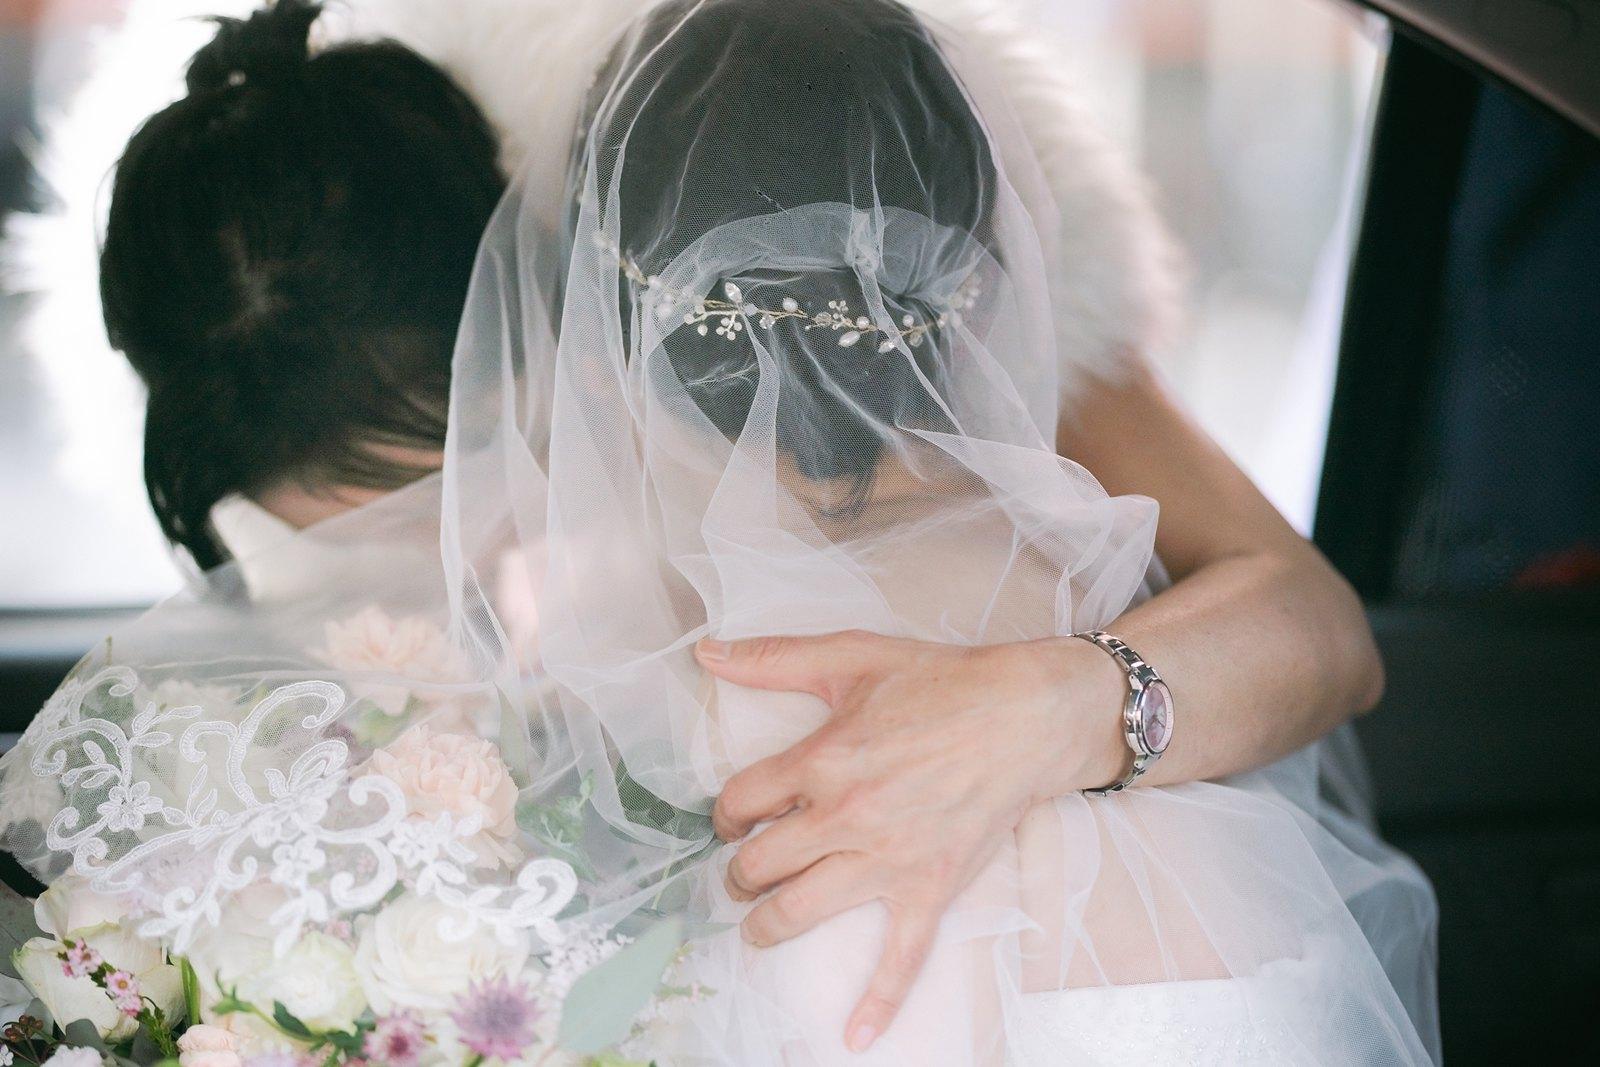 【婚攝】博文 & 靖雅 / 福泰飯店 / 新黑貓餐廳